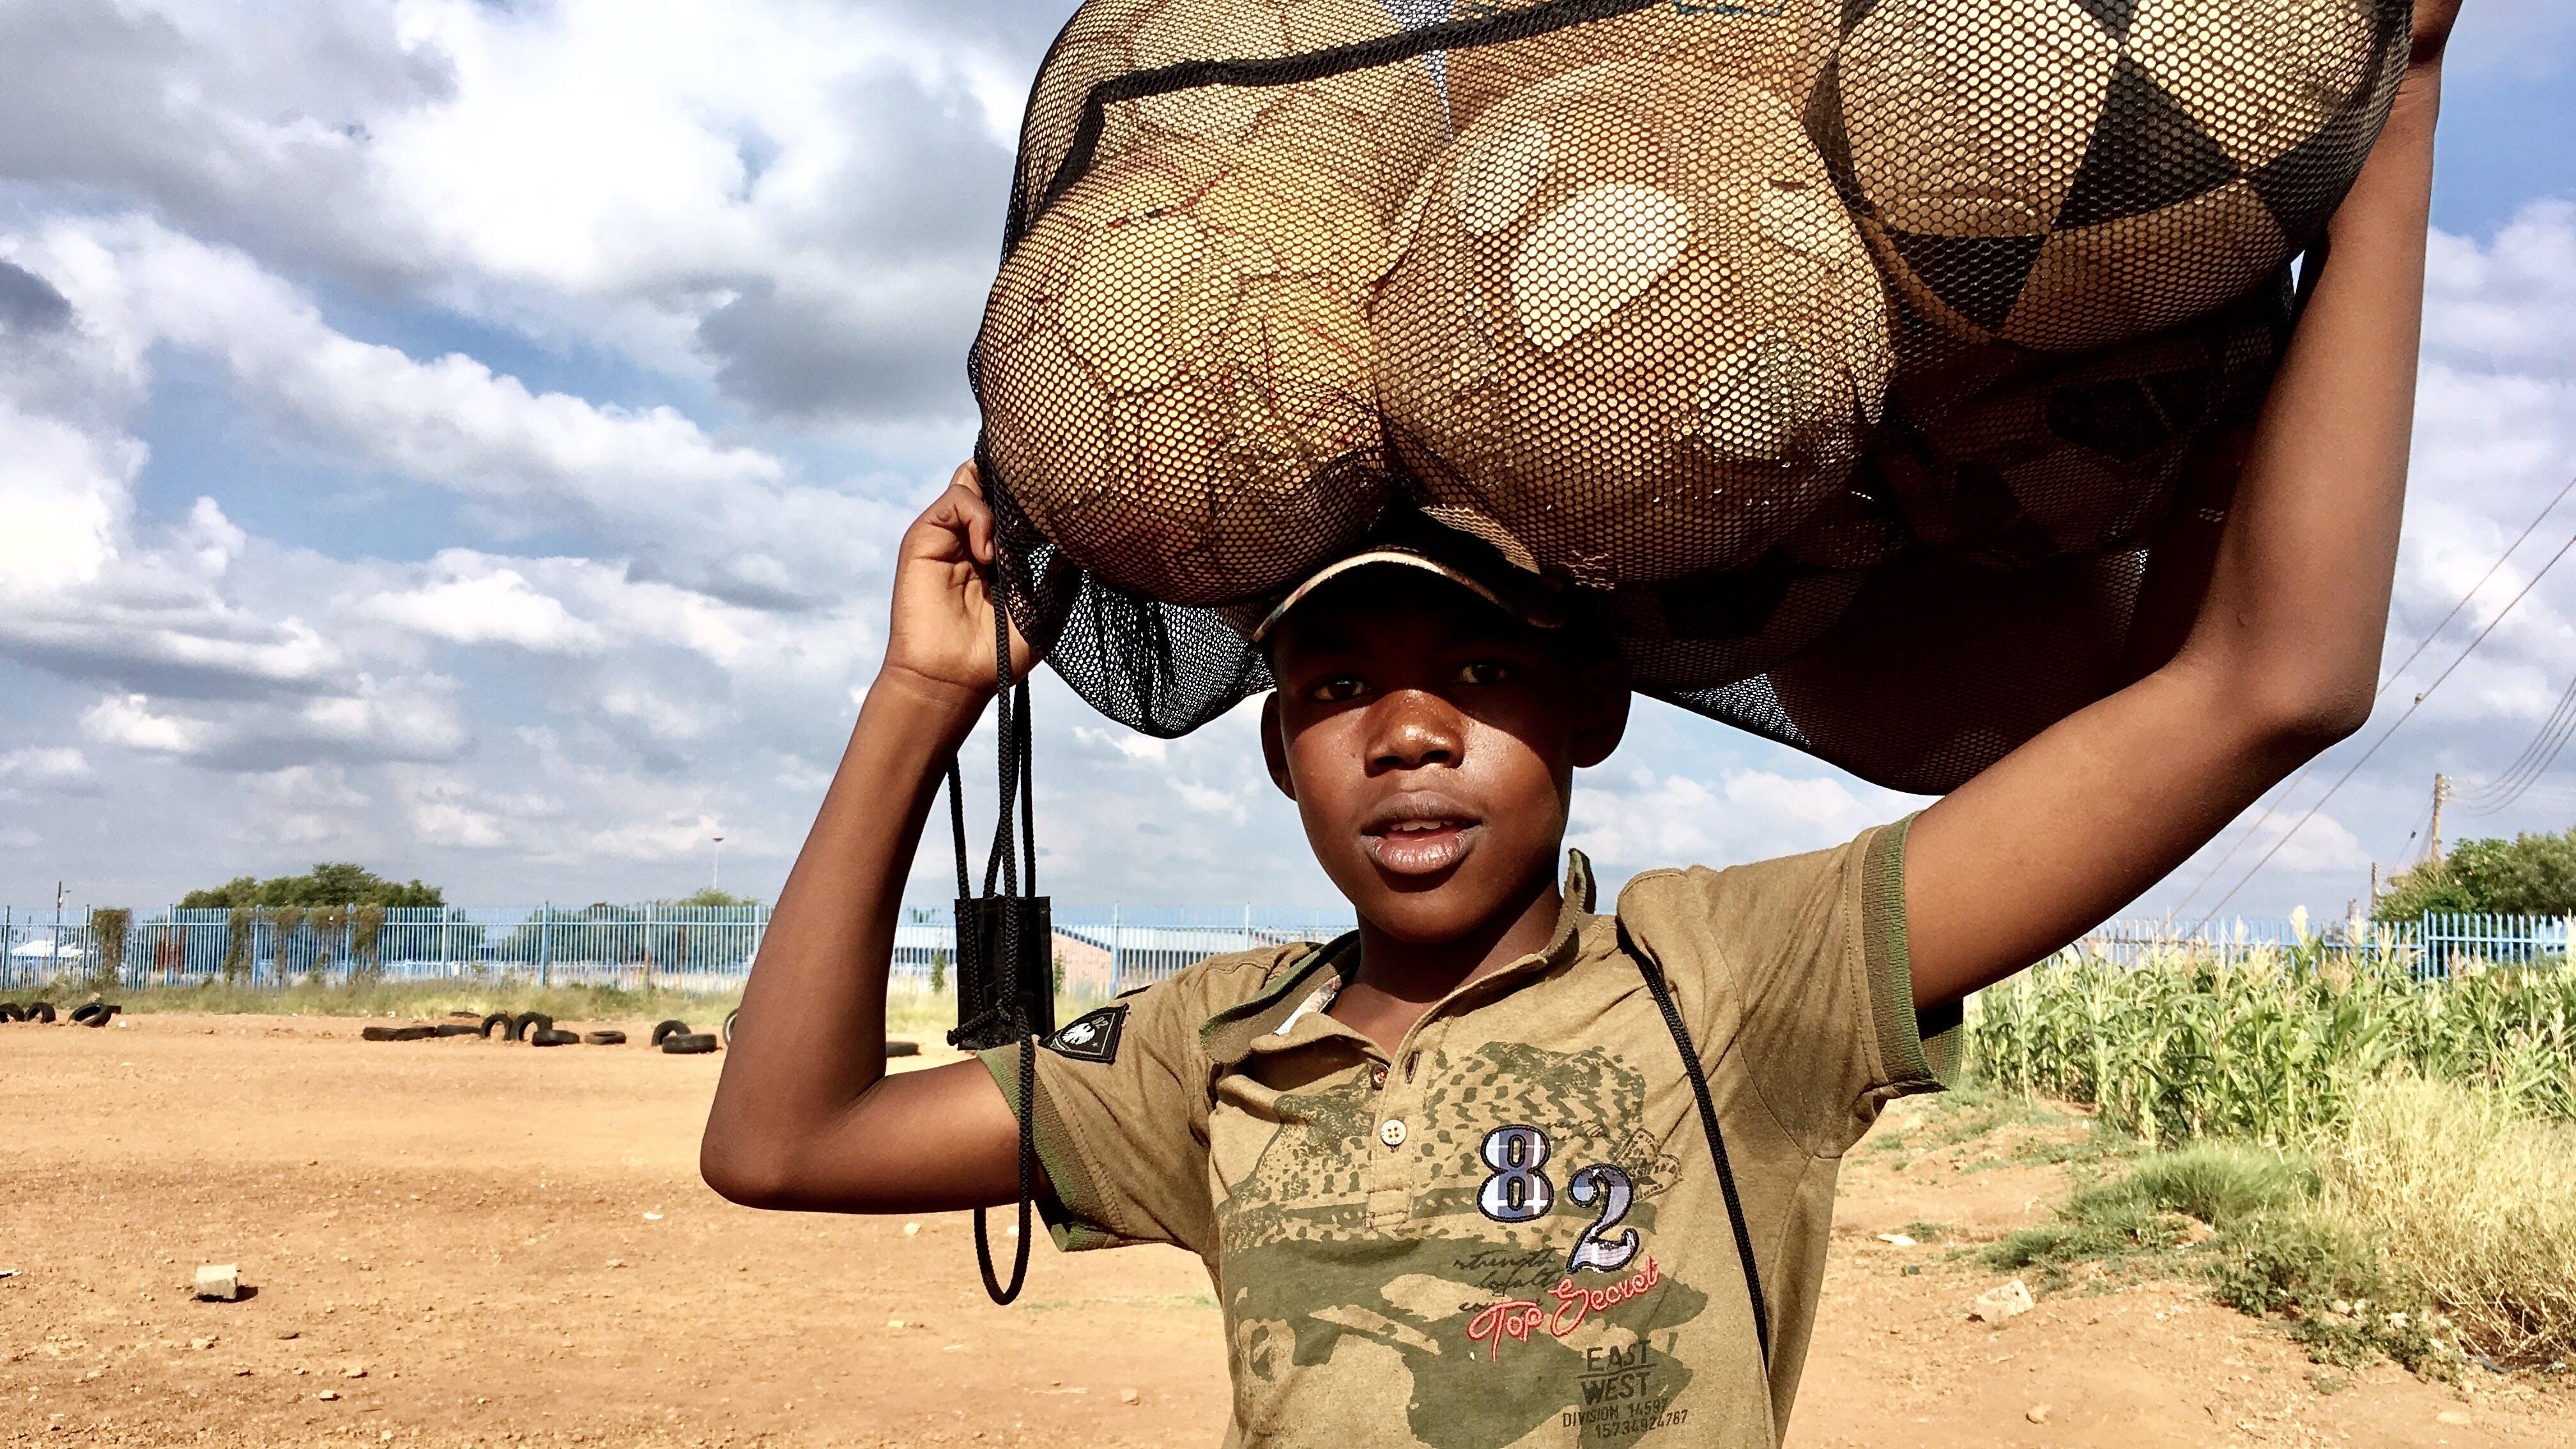 Foto d'estoc gratuïta de Àfrica, camp, camp de futbol, negre